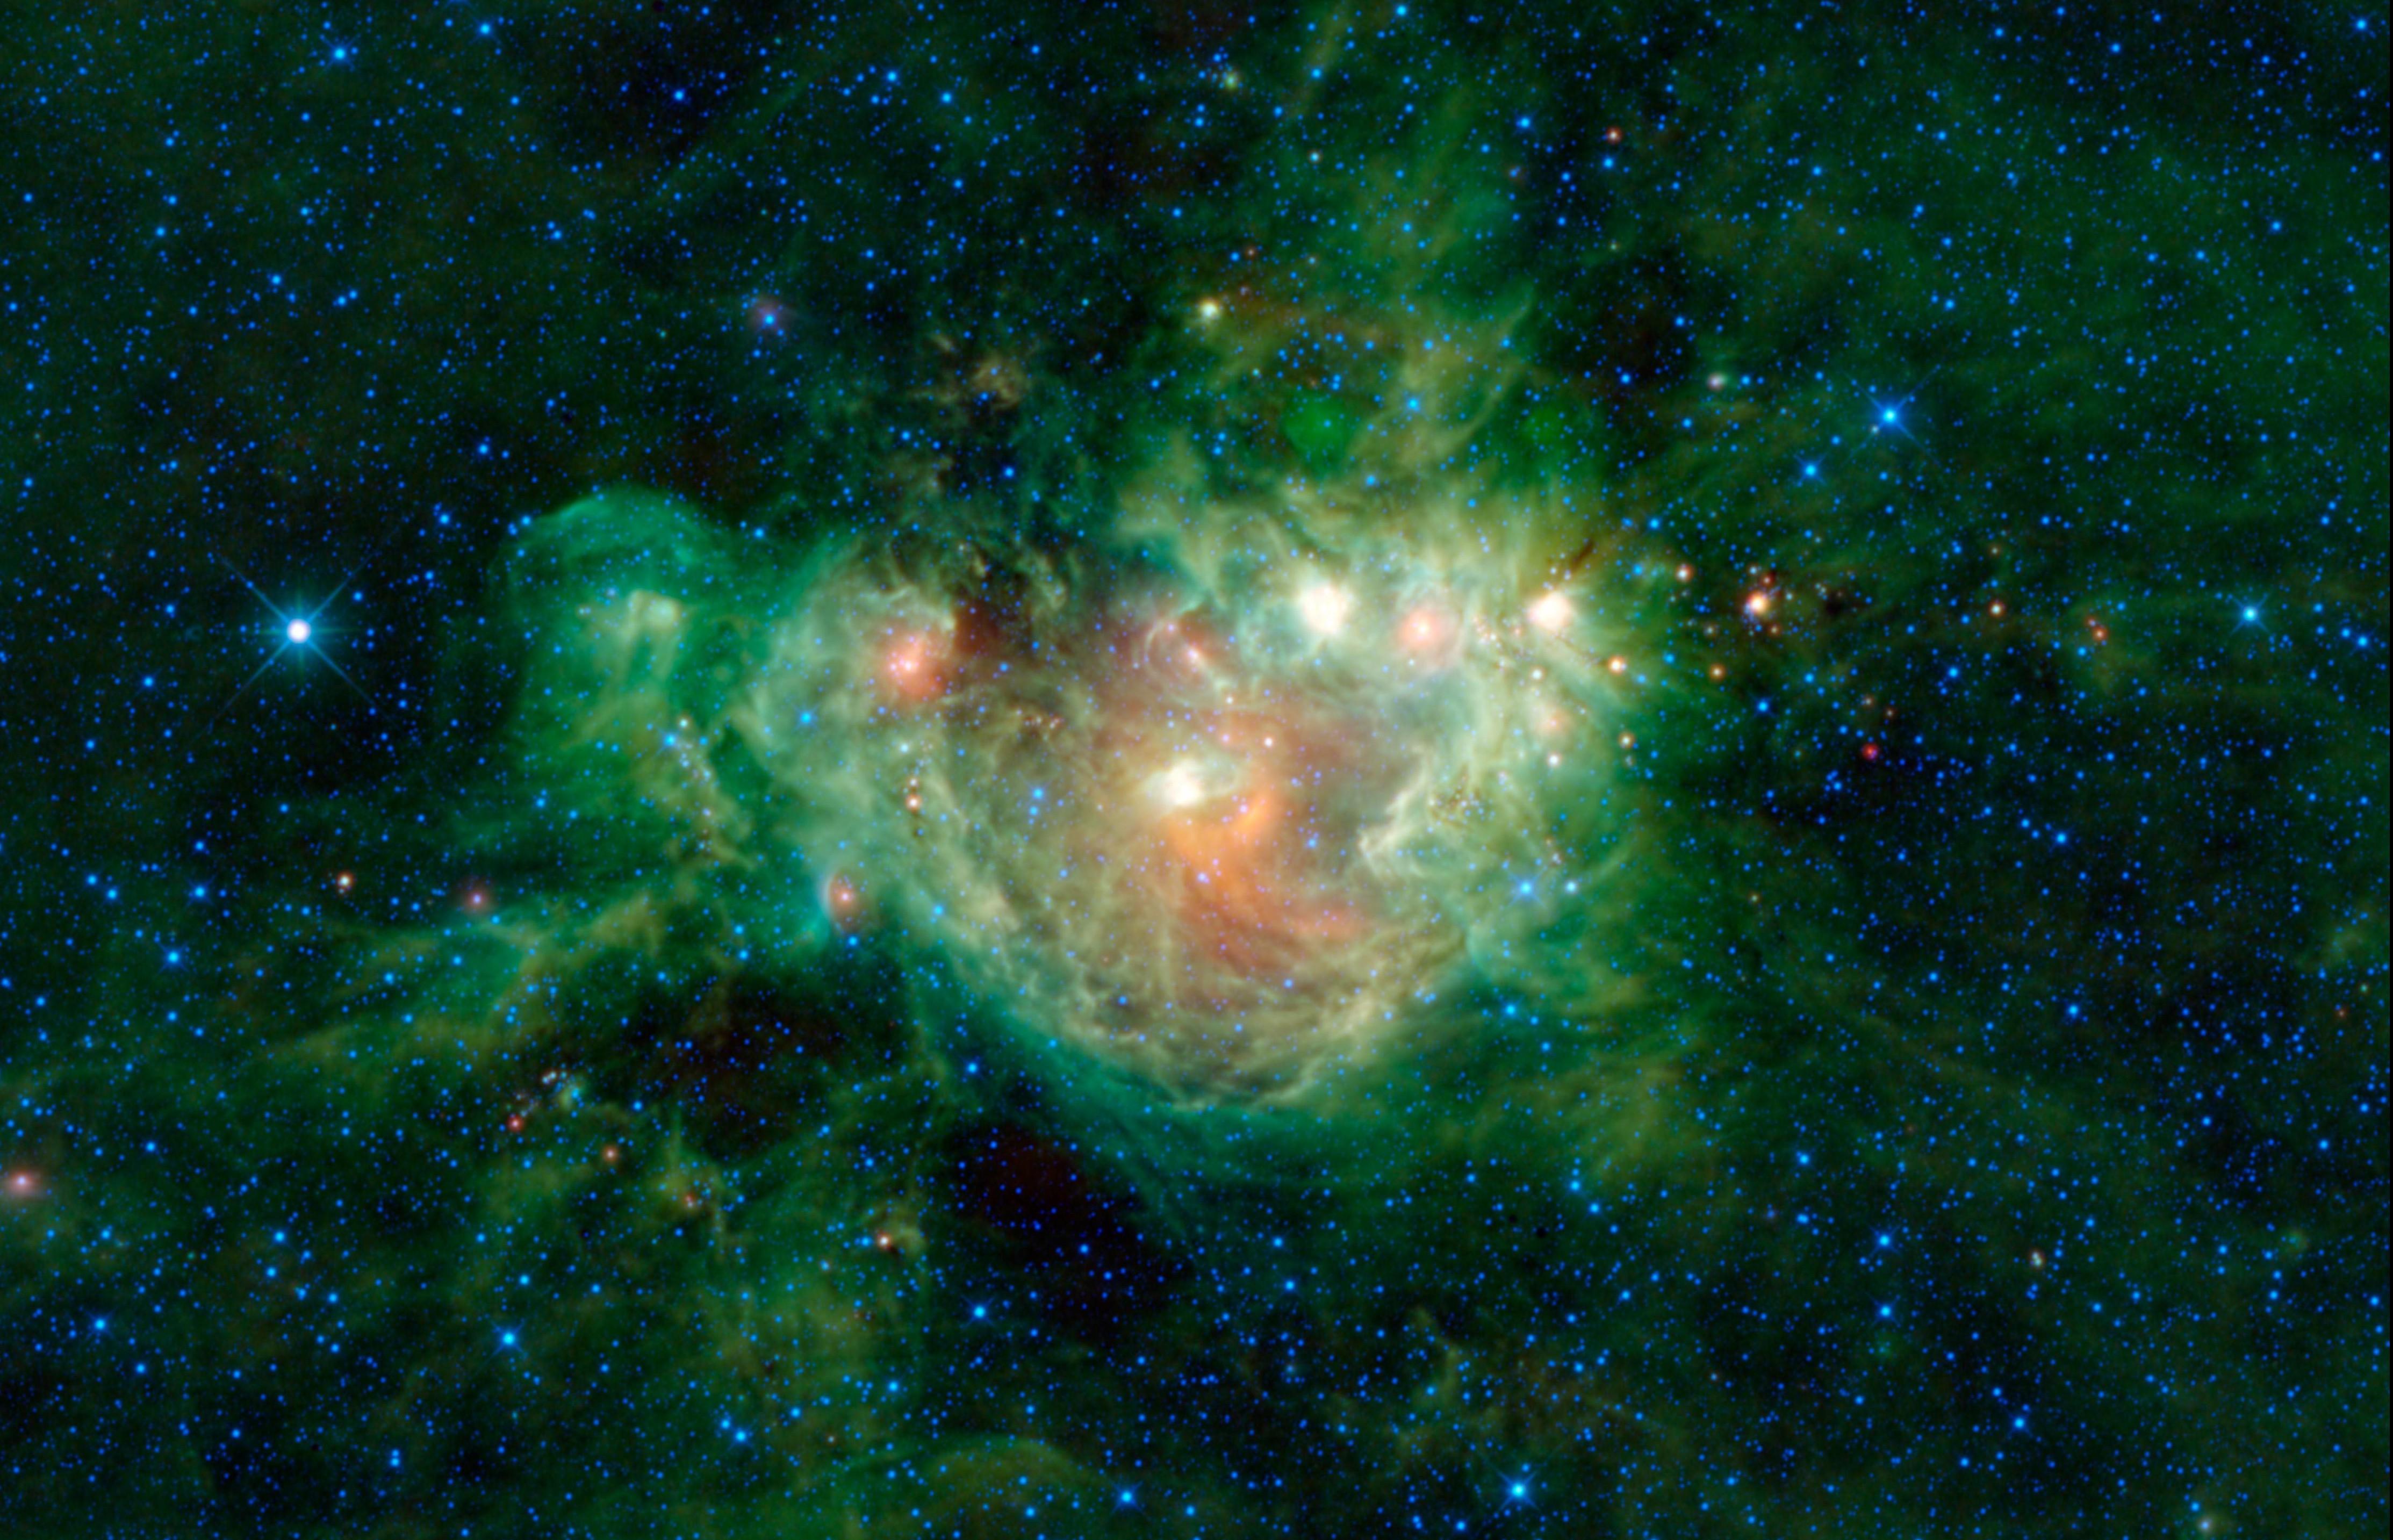 Хаббл телескоп фото космоса смотреть